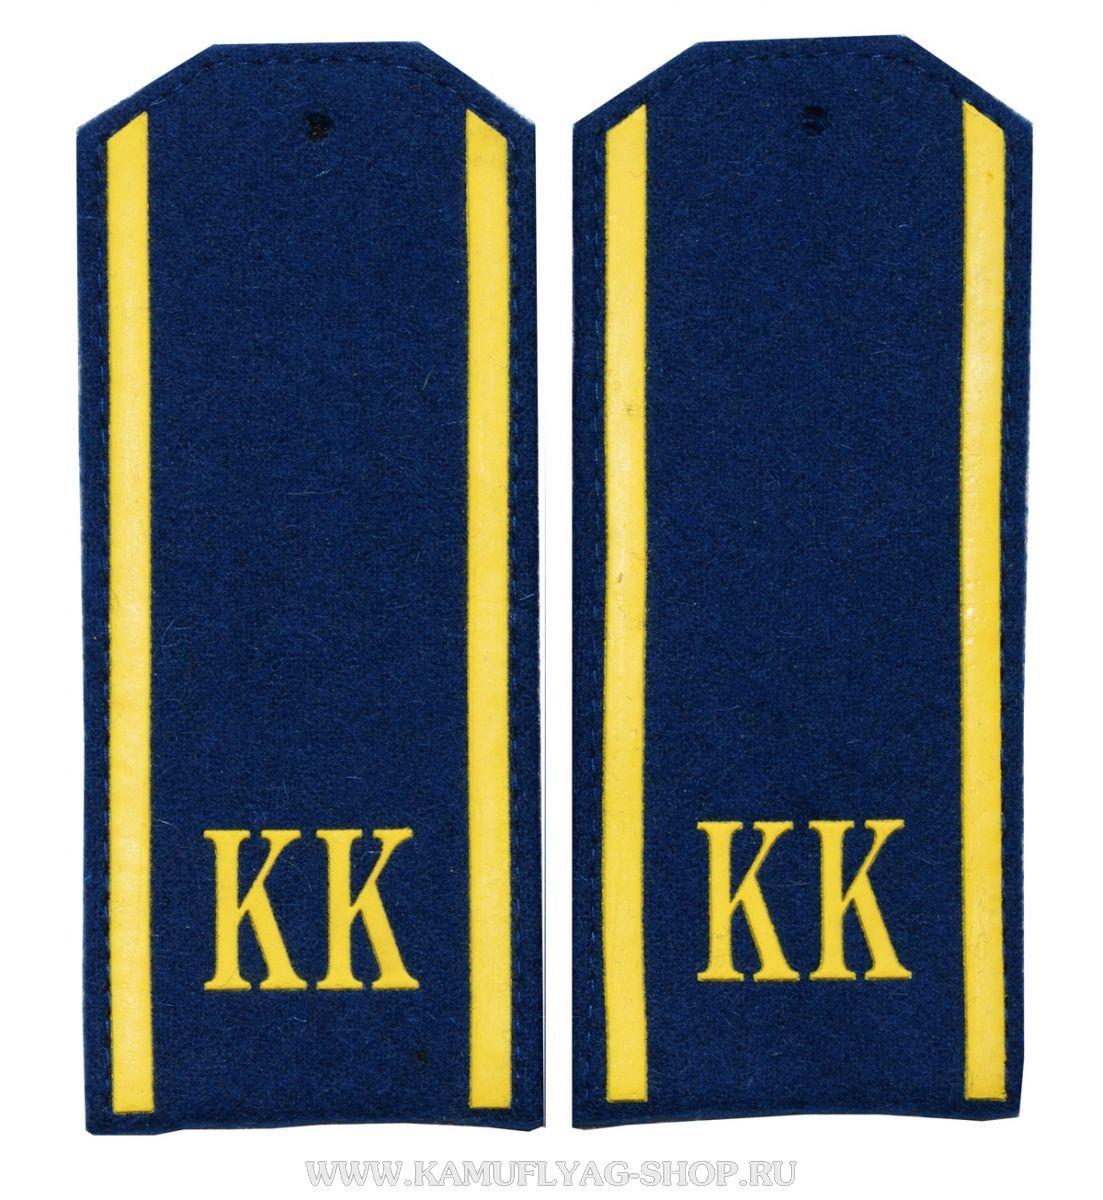 Погоны КК (васильковое сукно), желтые буквы, (пара)